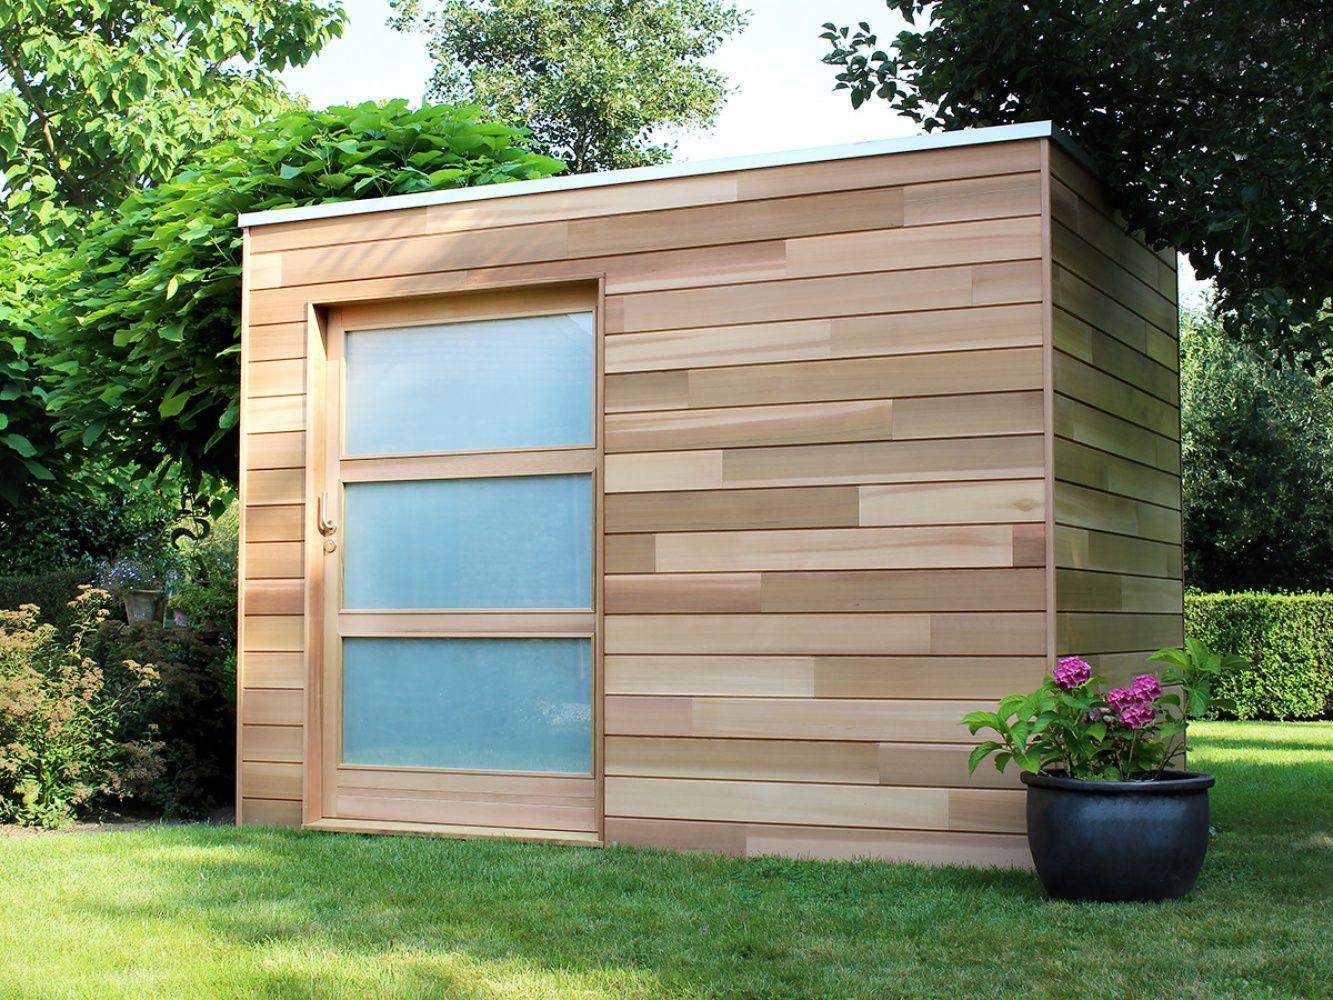 cubeco modern tuinhuis producten op maat tuinhuizen poolhoouses carports woodstar